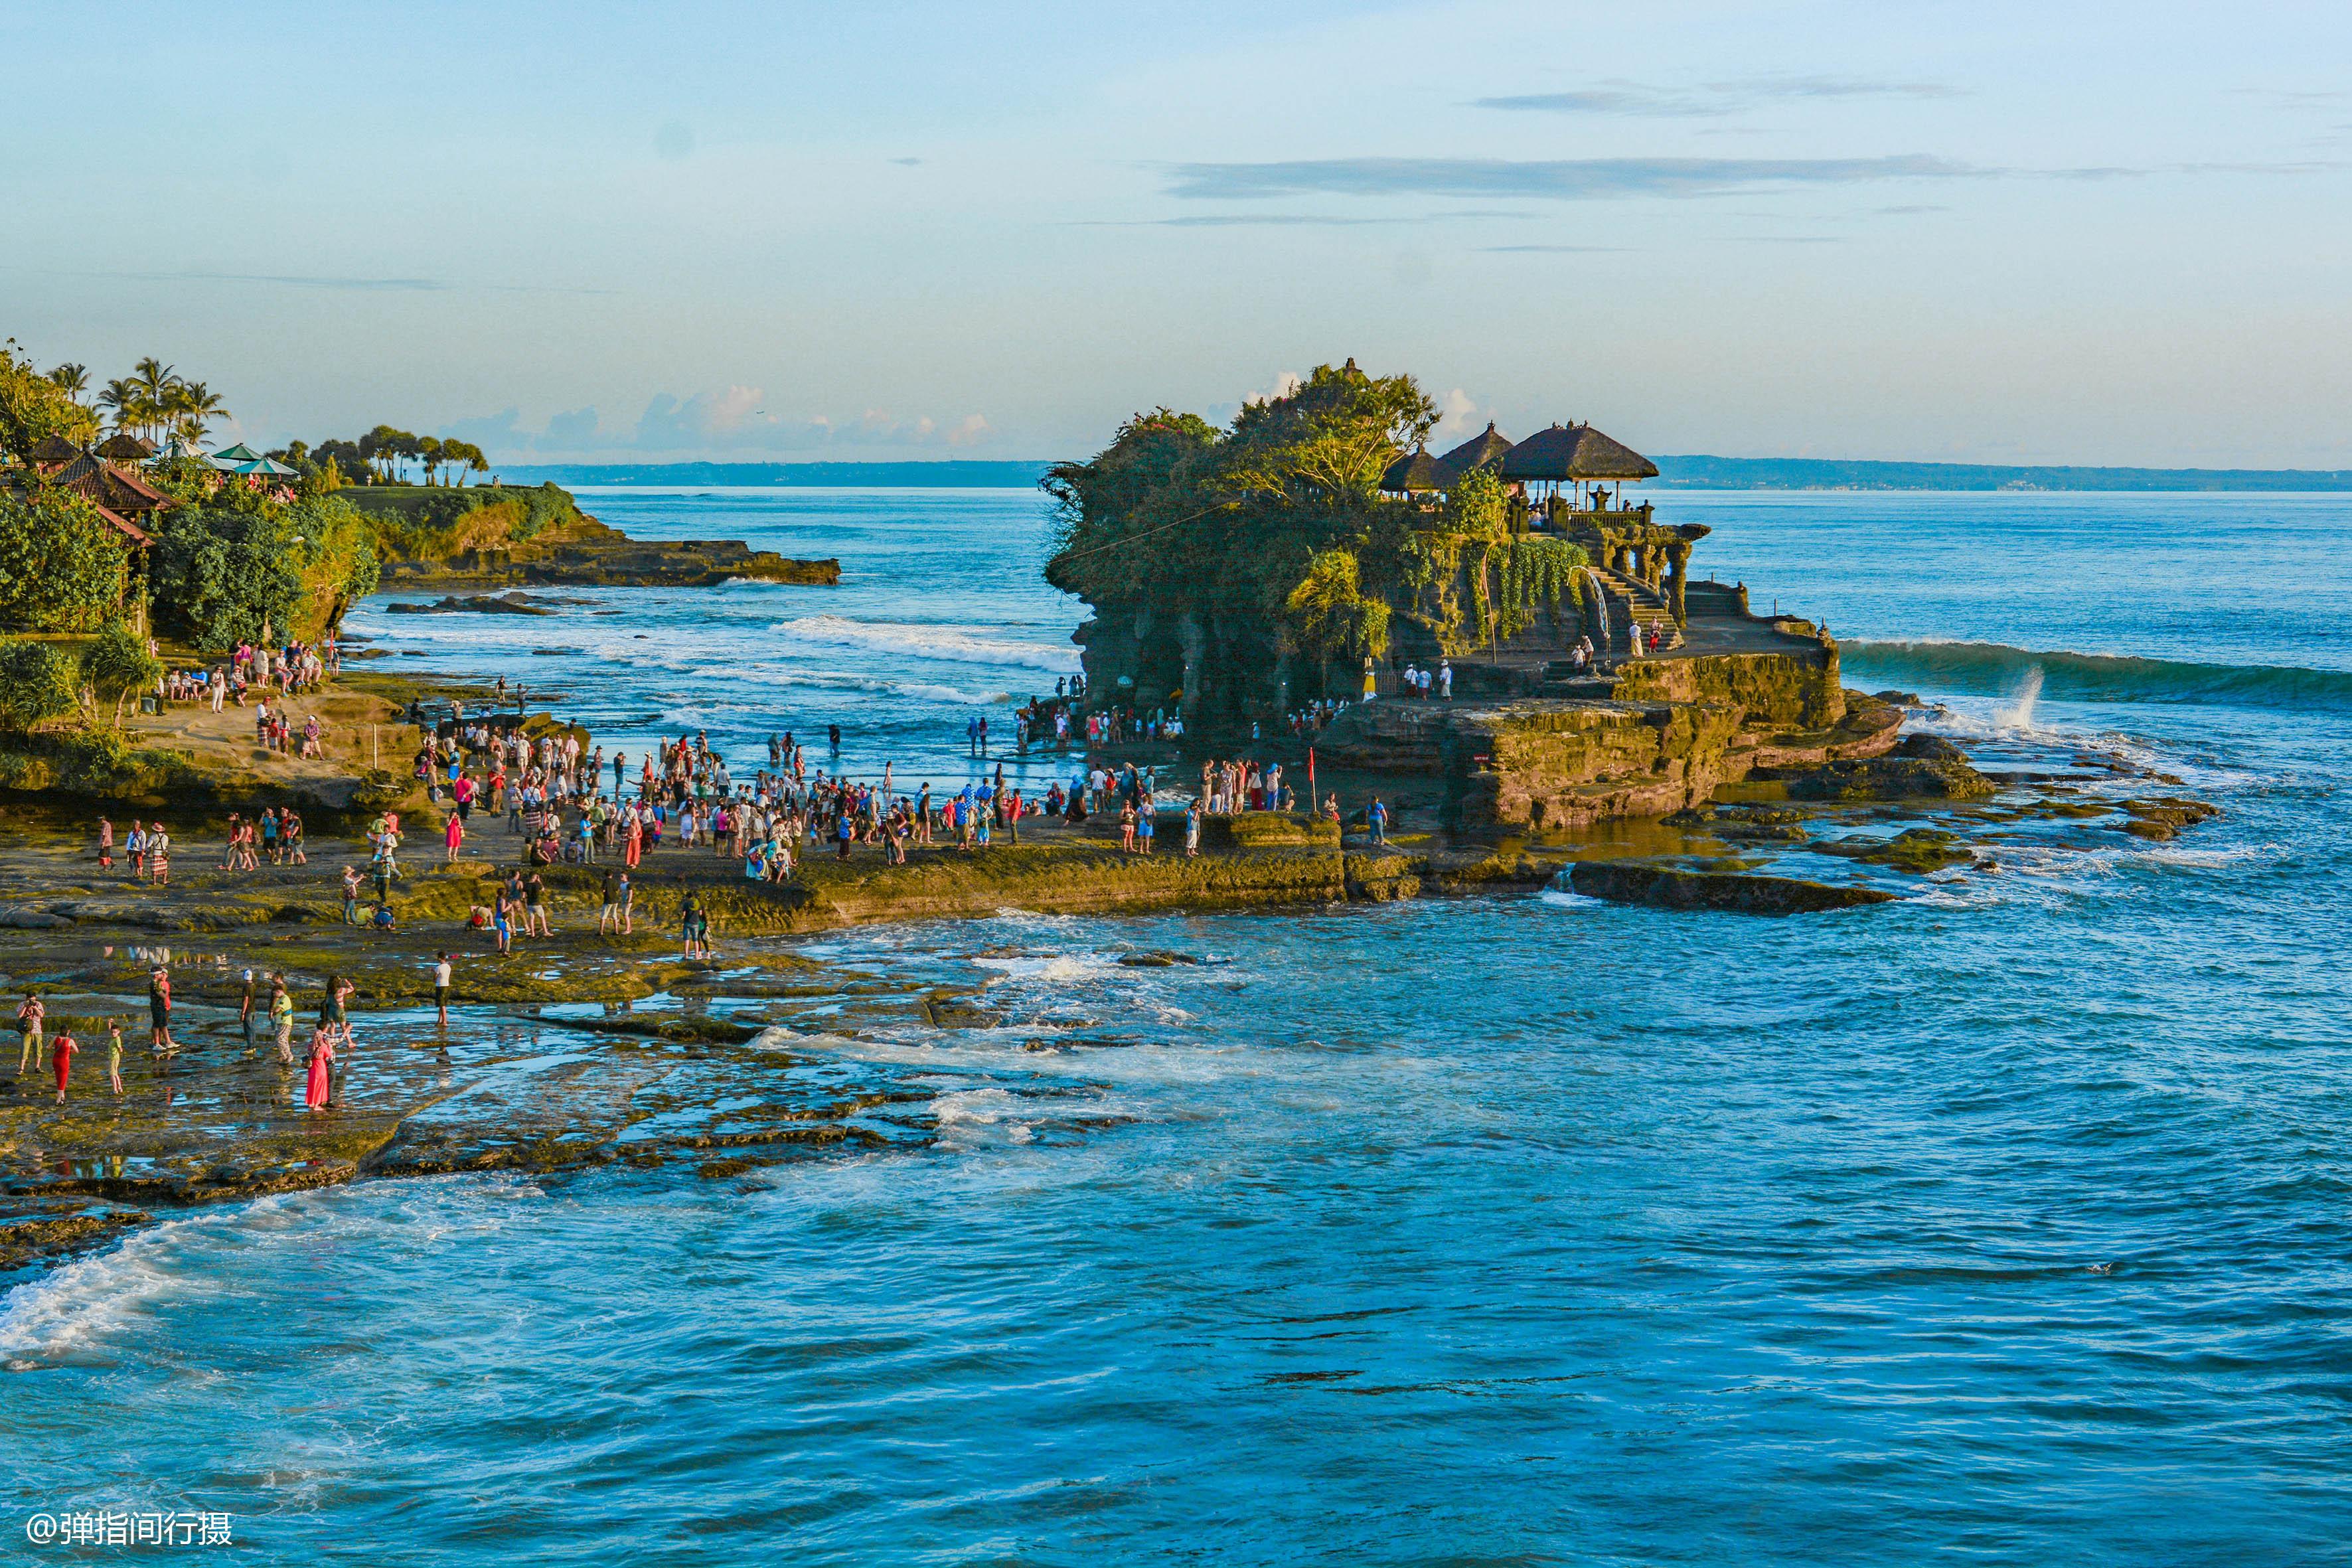 巴厘岛最佳旅游时间_巴厘岛最美庙宇,地处海边岩石上,涨潮时成孤岛,退潮后才能 ...